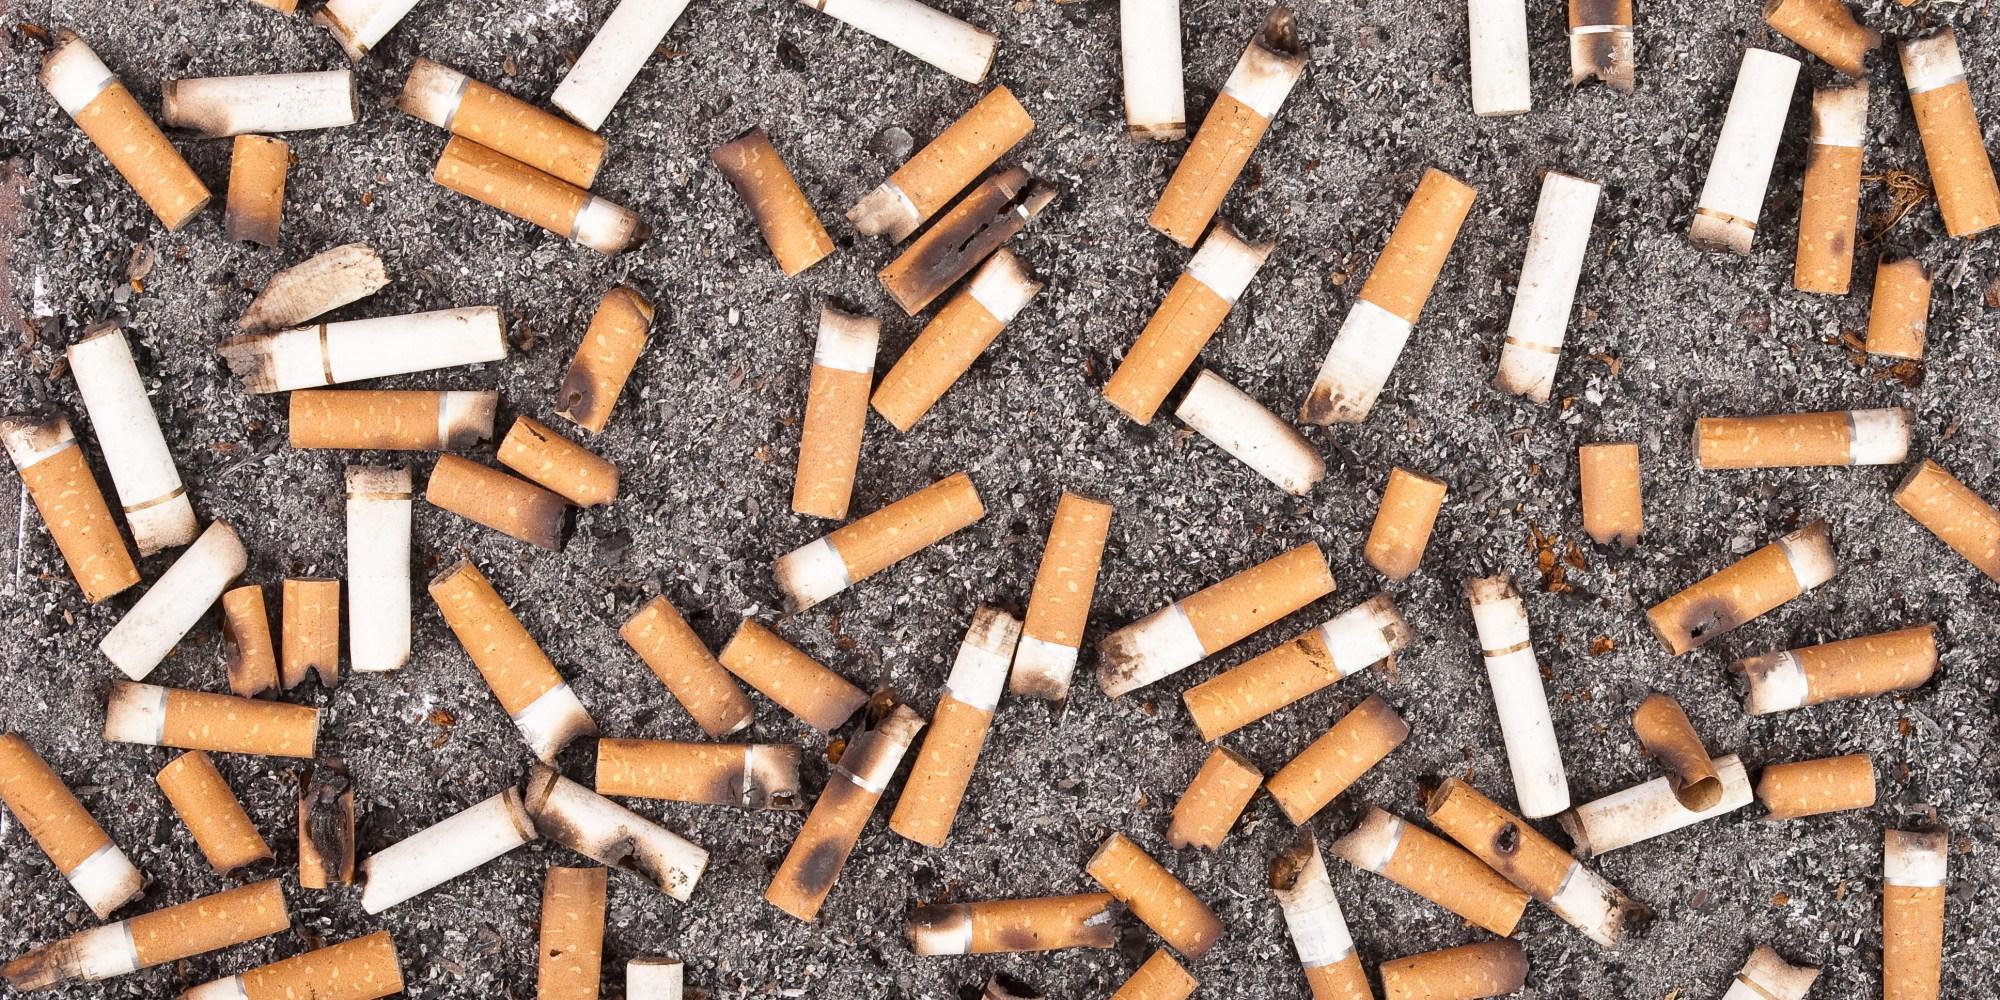 penchons nous s rieusement sur la question des m gots de cigarettes david suzuki. Black Bedroom Furniture Sets. Home Design Ideas